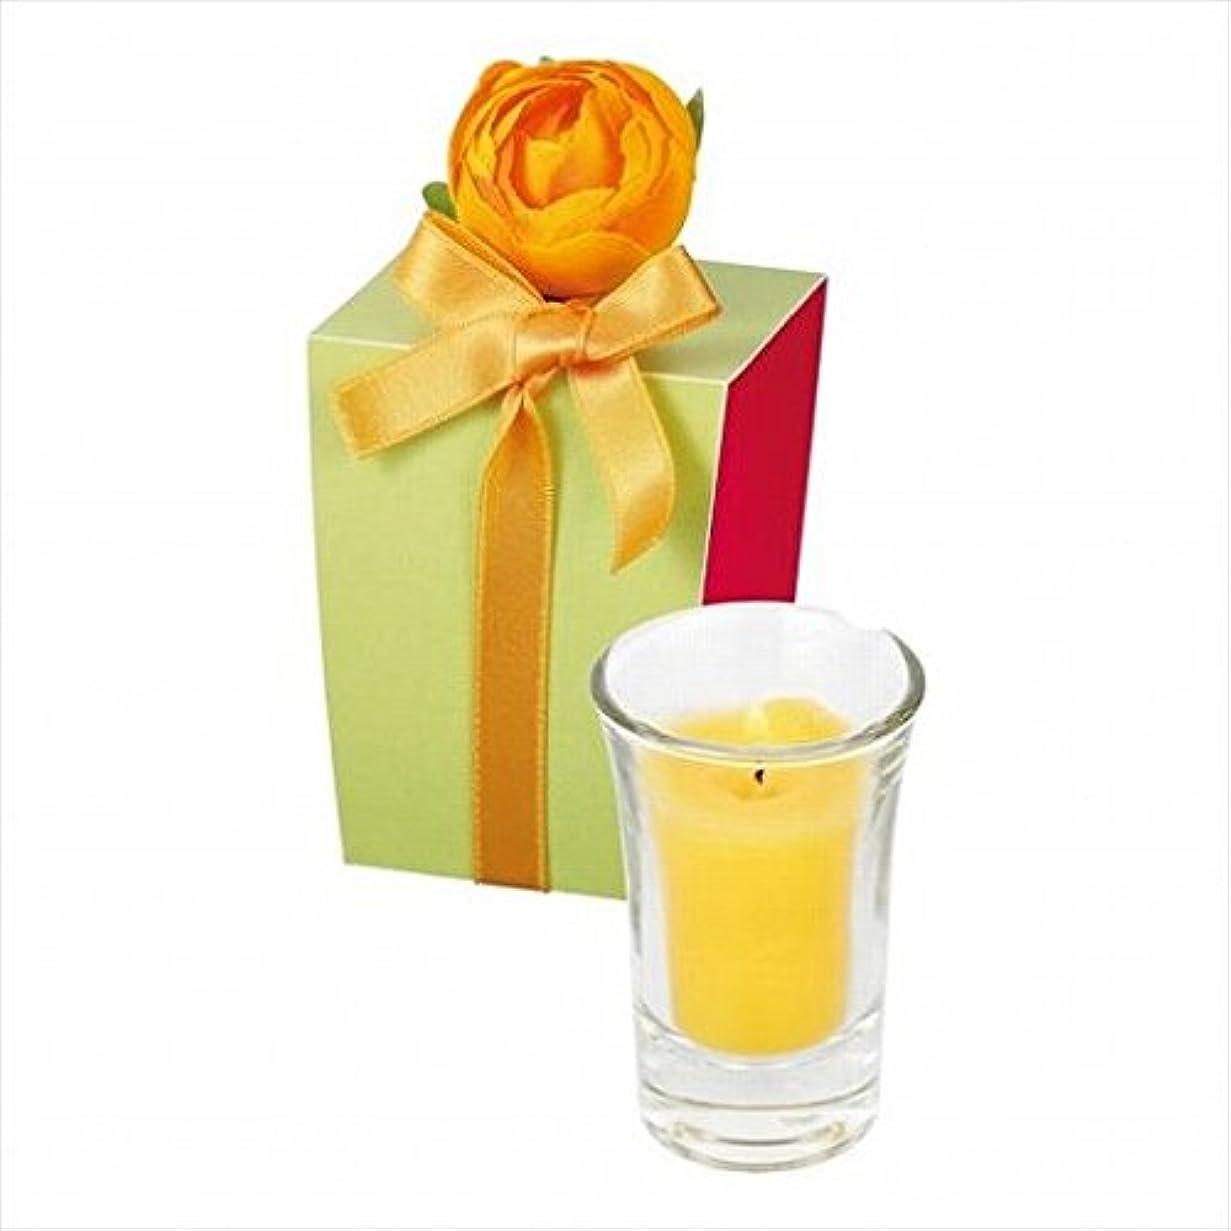 注目すべき雇った者kameyama candle(カメヤマキャンドル) ラナンキュラスグラスキャンドル 「 イエロー 」(A9390500Y)